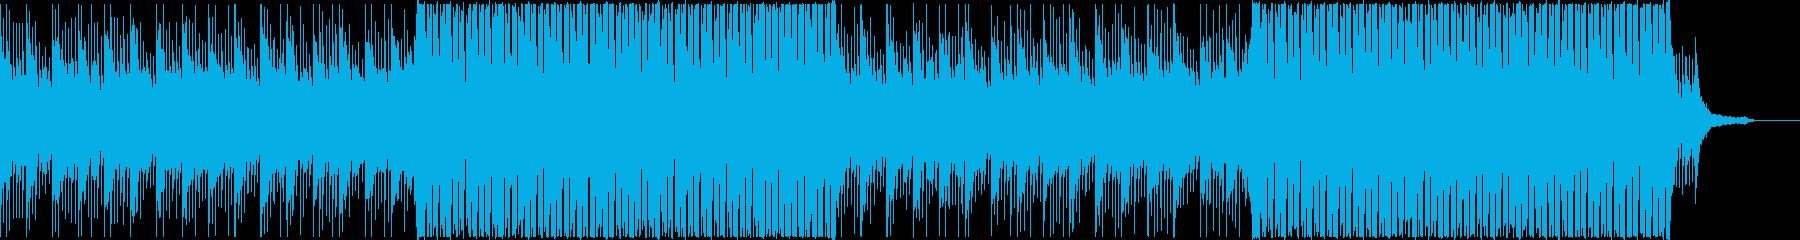 爽やか・可愛い・神秘的/企業VP系03cの再生済みの波形